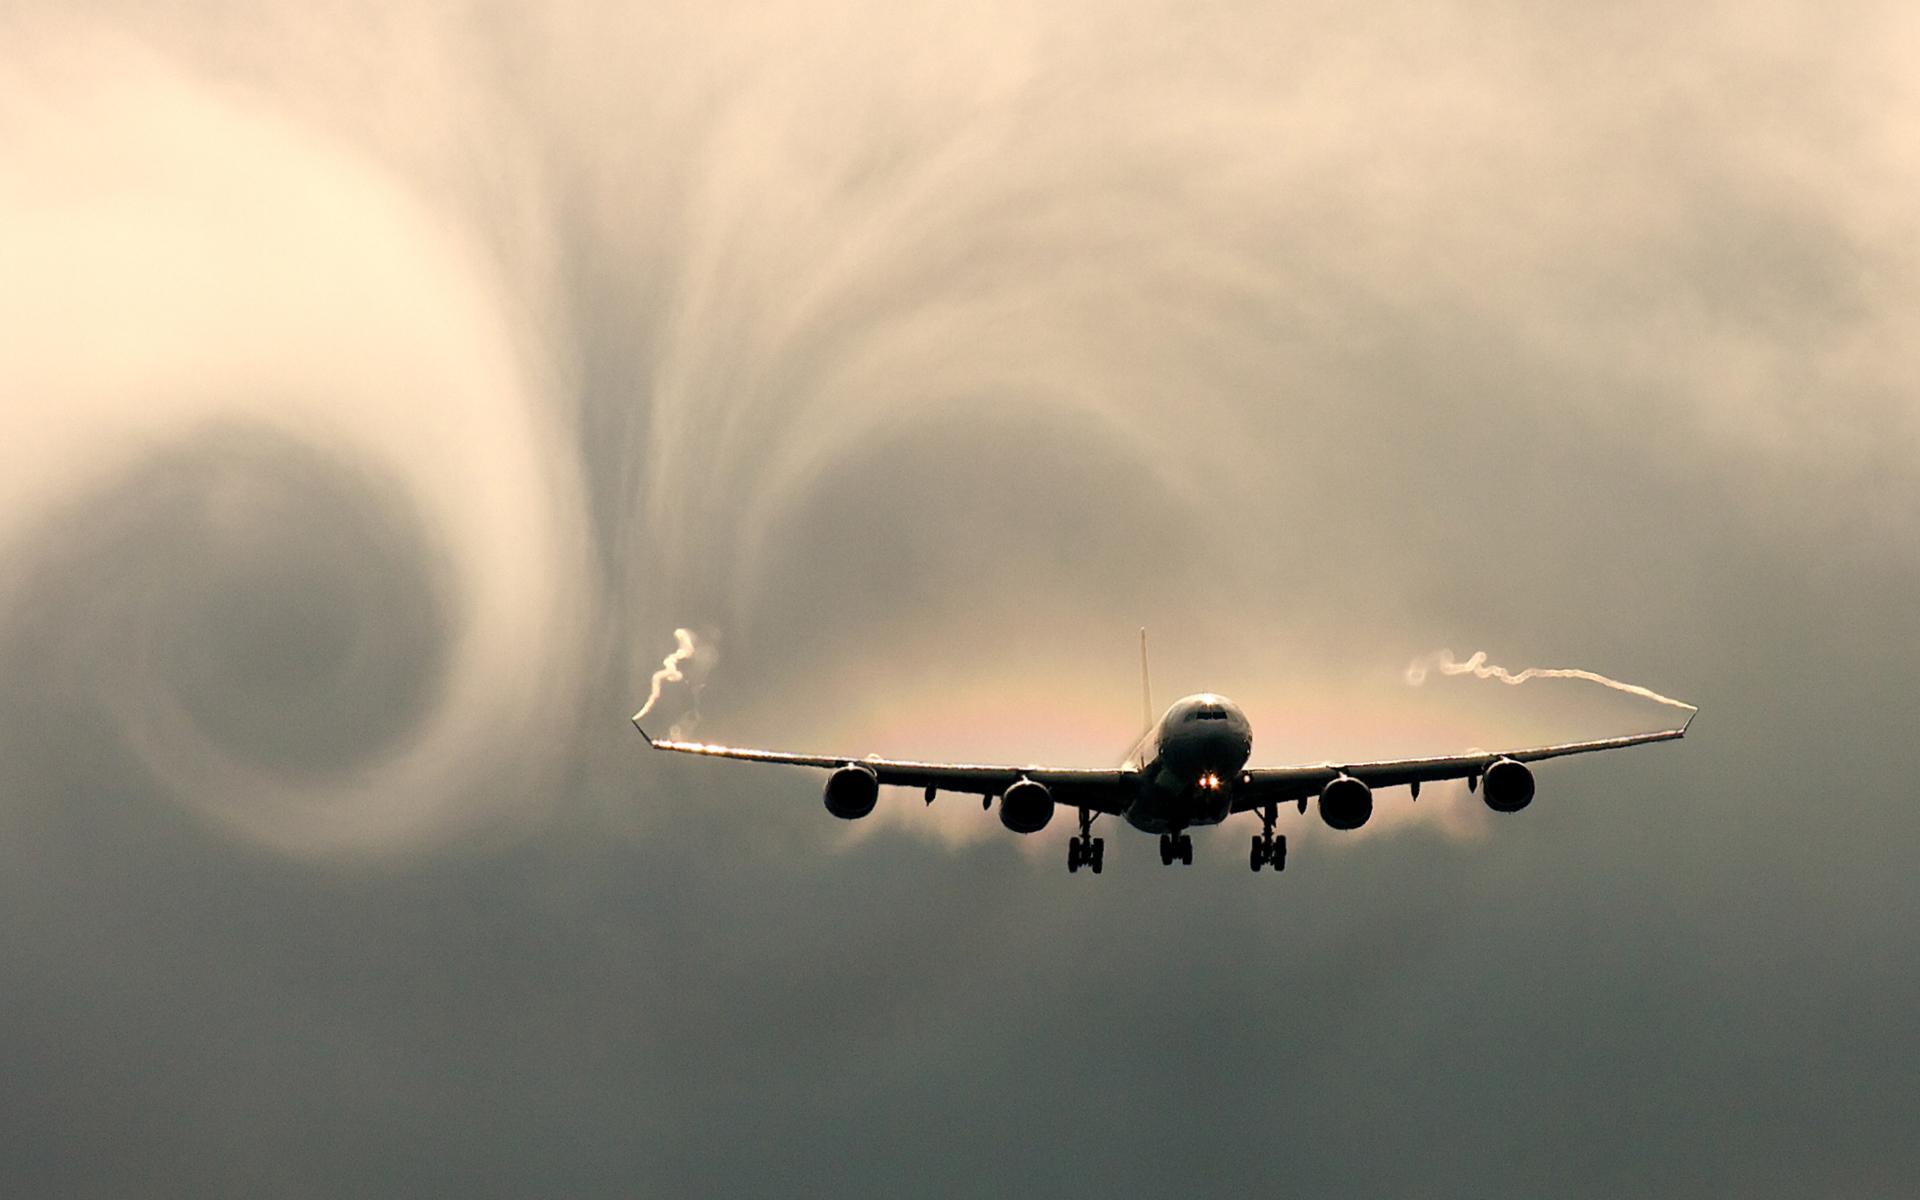 Турбулентность: стоит ли ее бояться и как не паниковать?